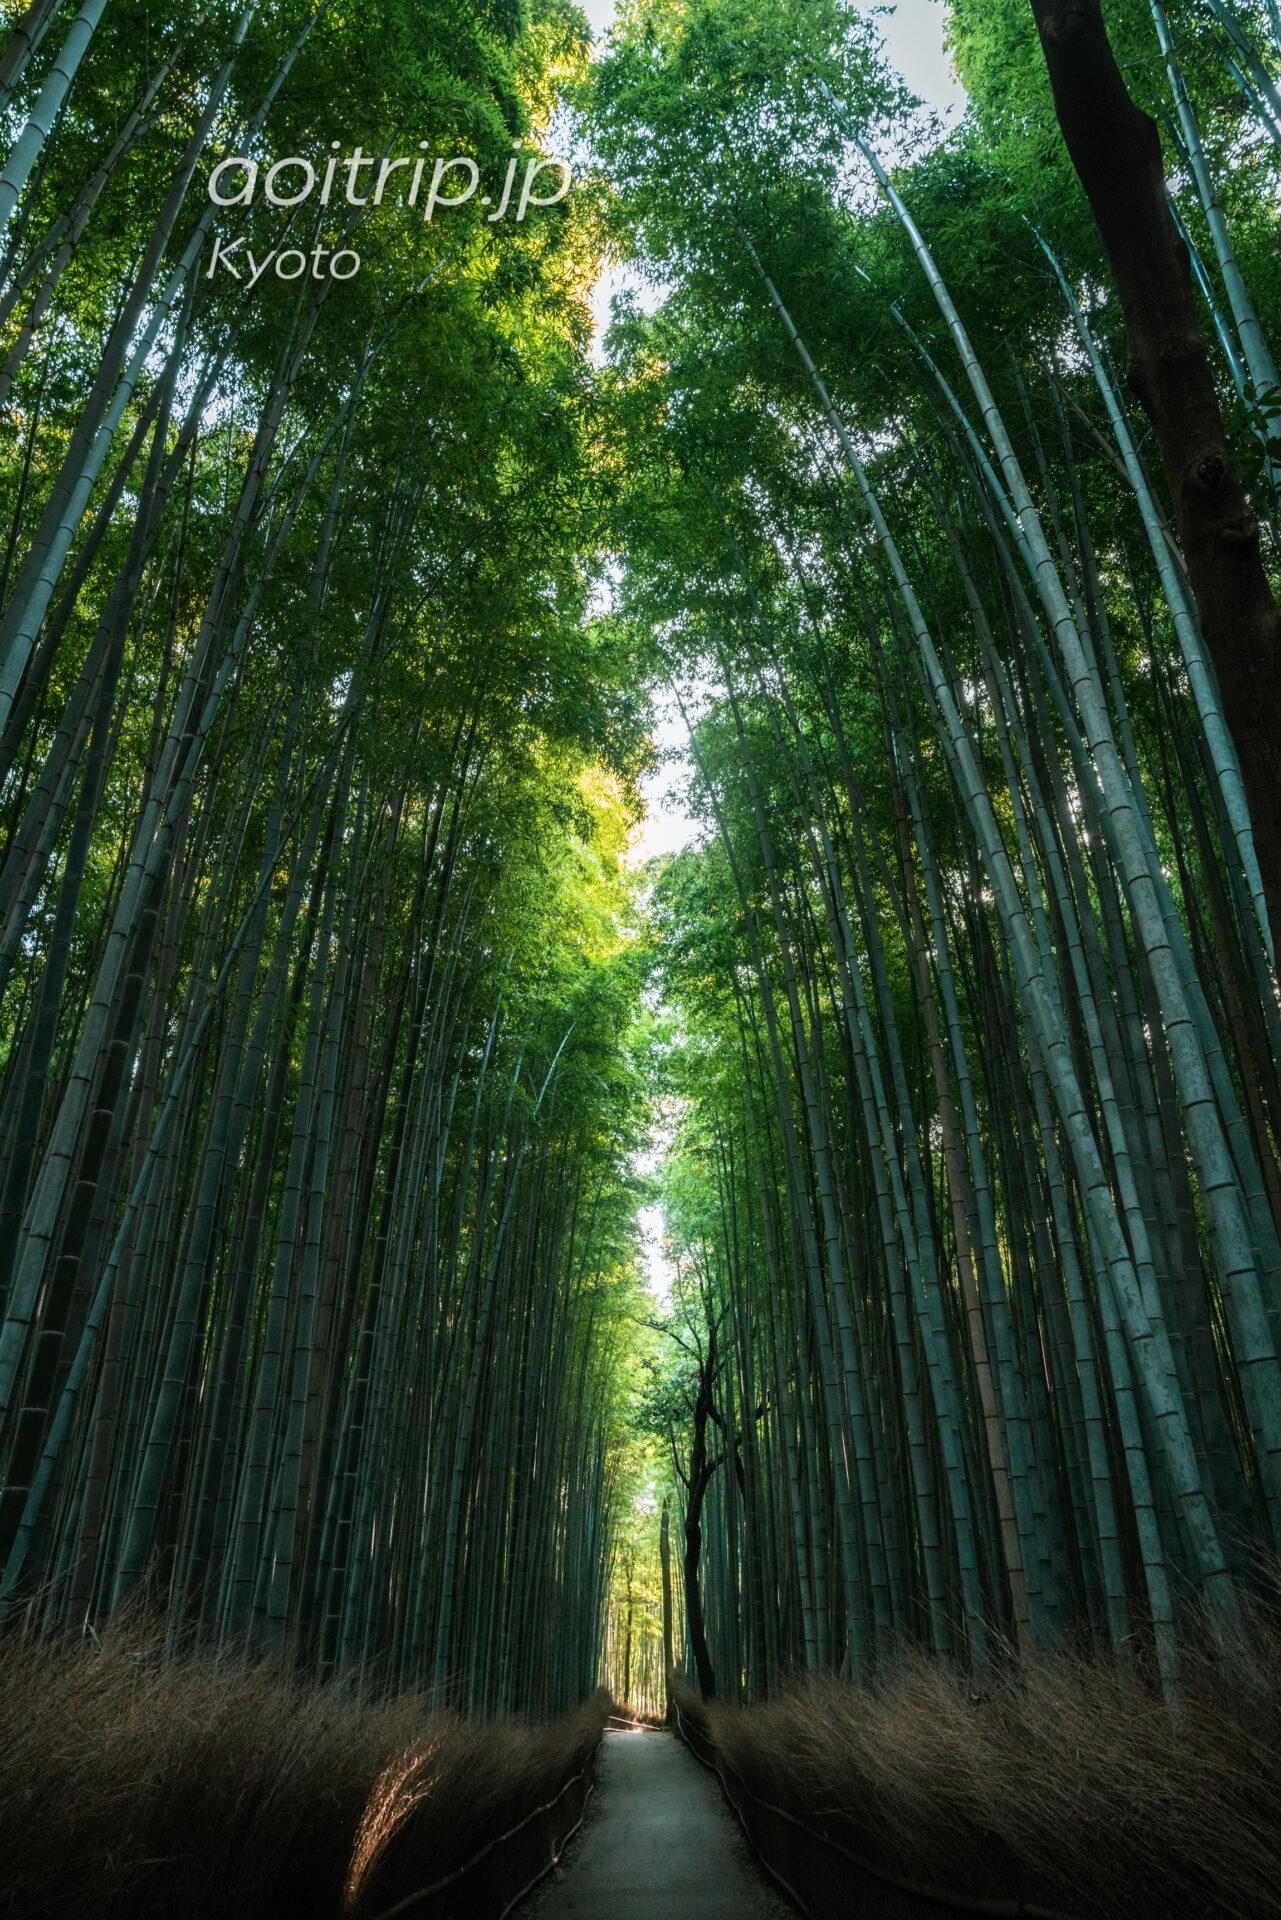 京都嵐山 竹林の小径 Arashiyama Bamboo Grove